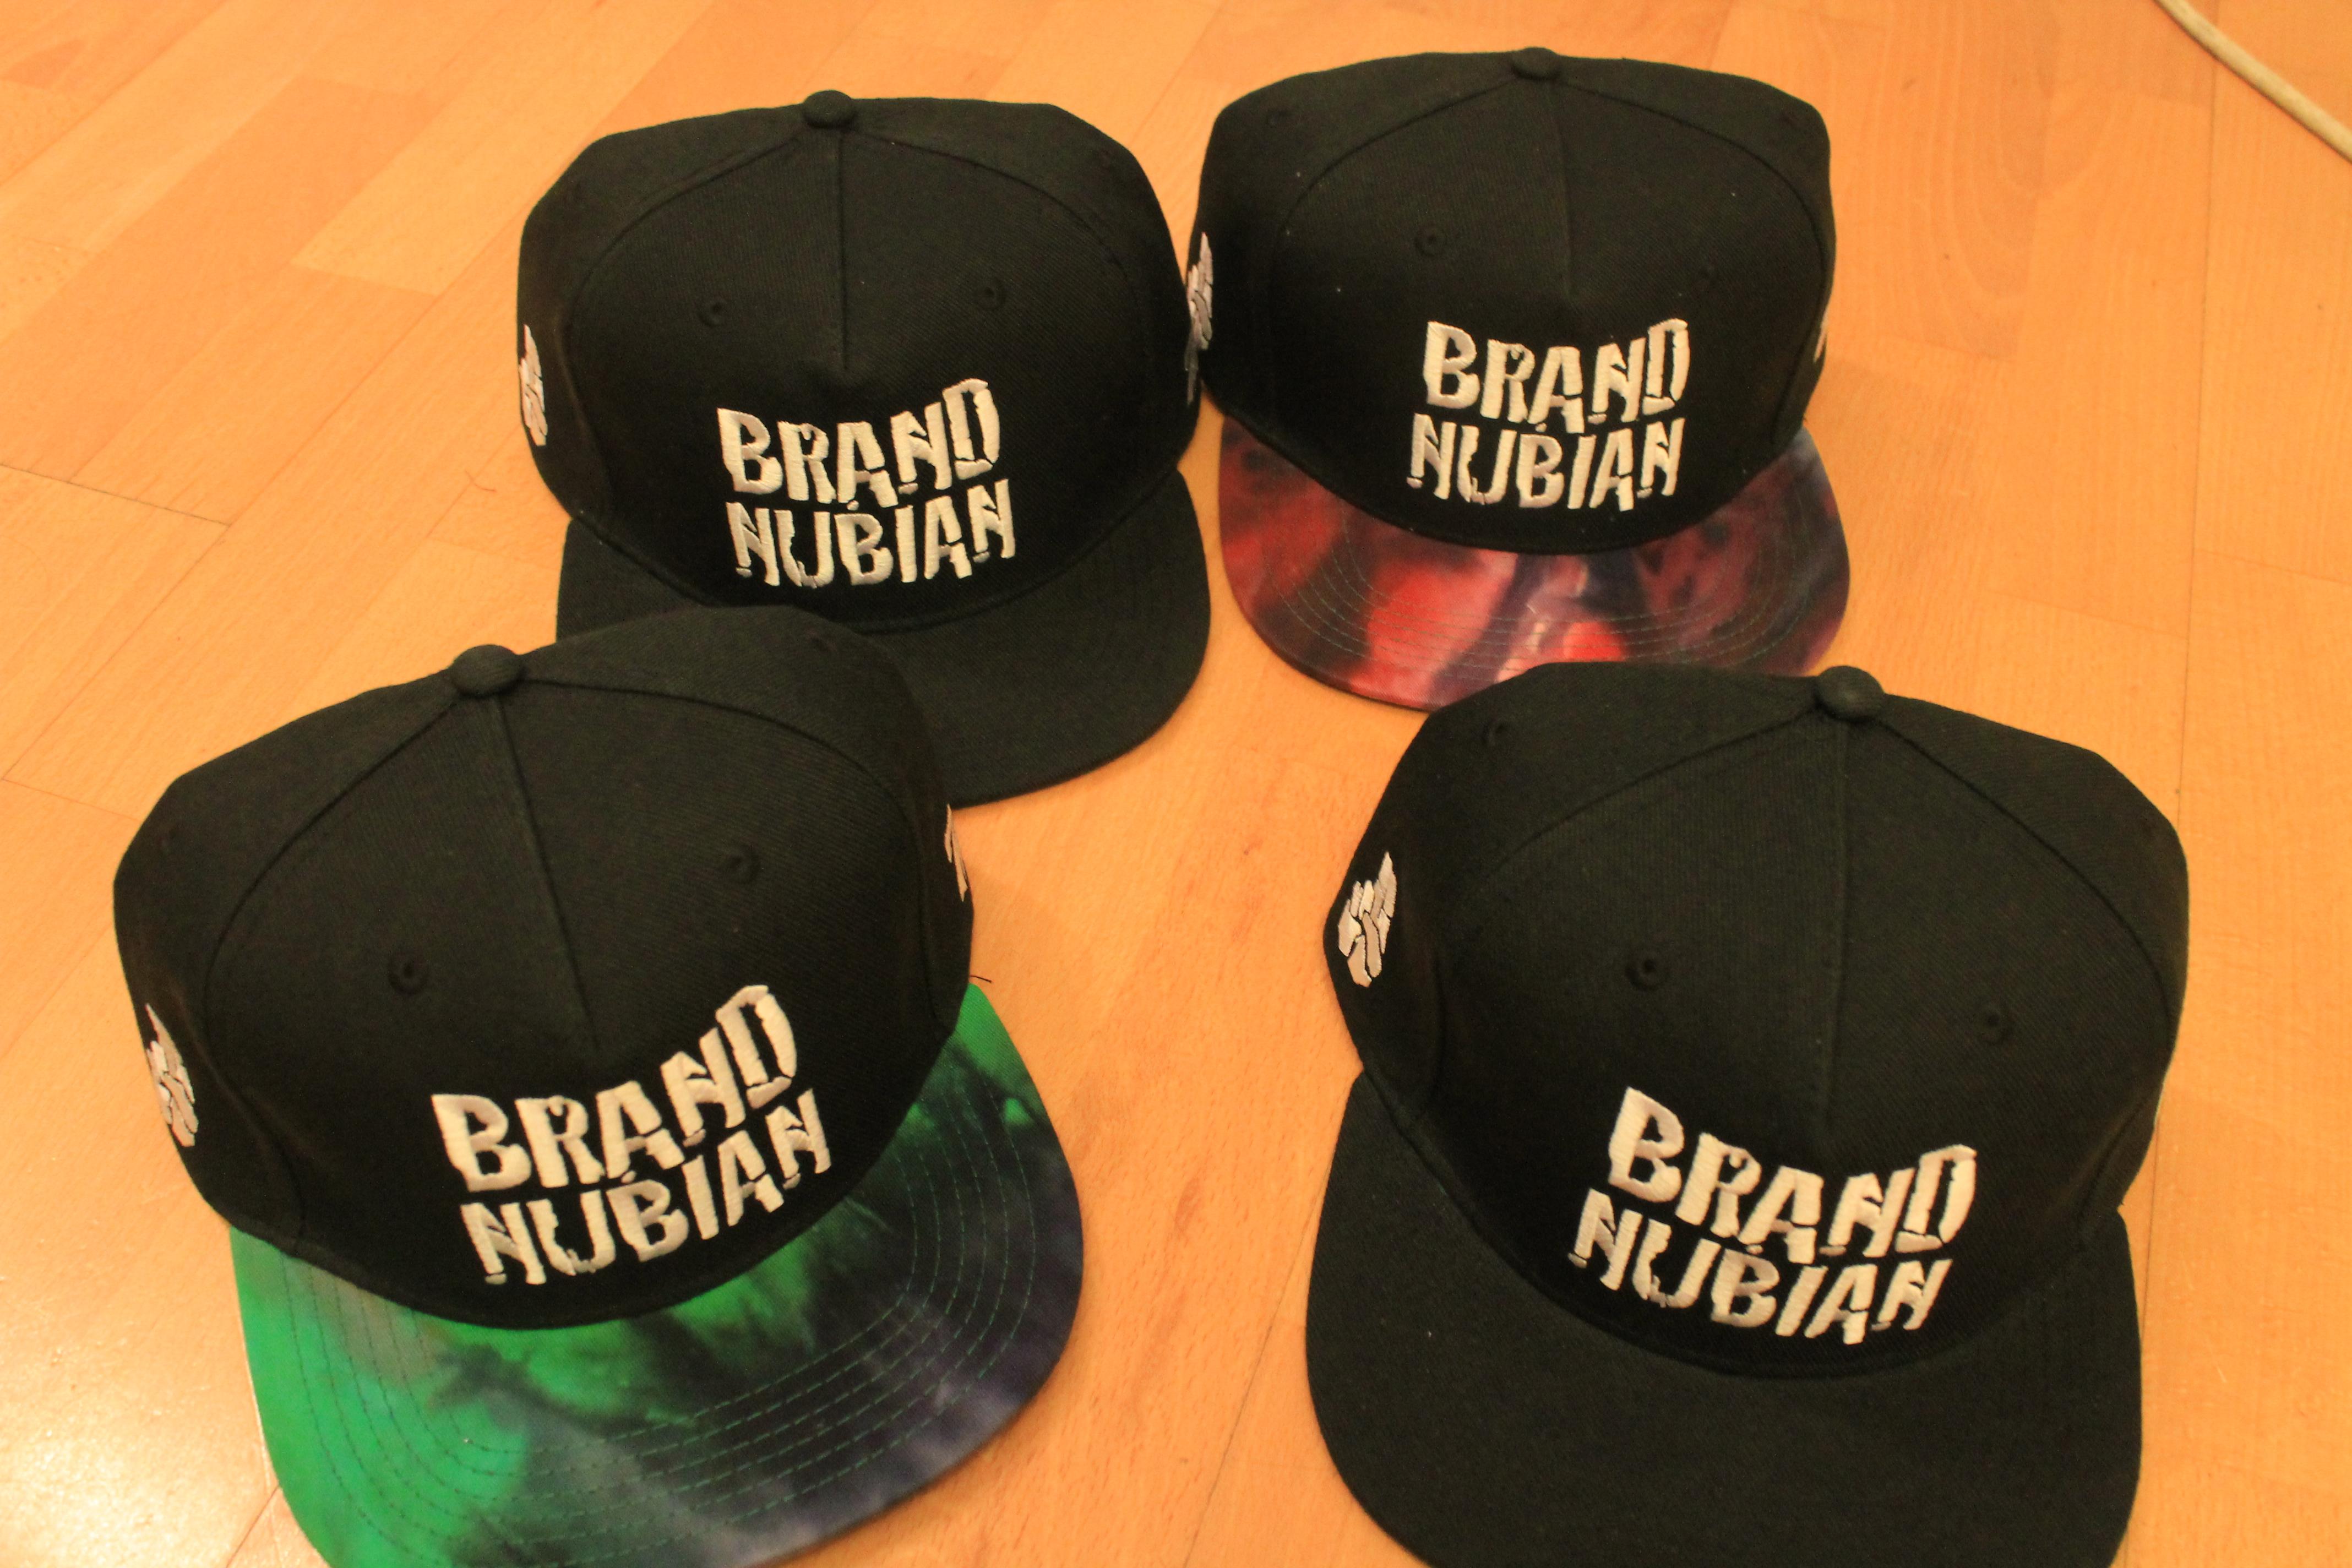 Nubian clothing store